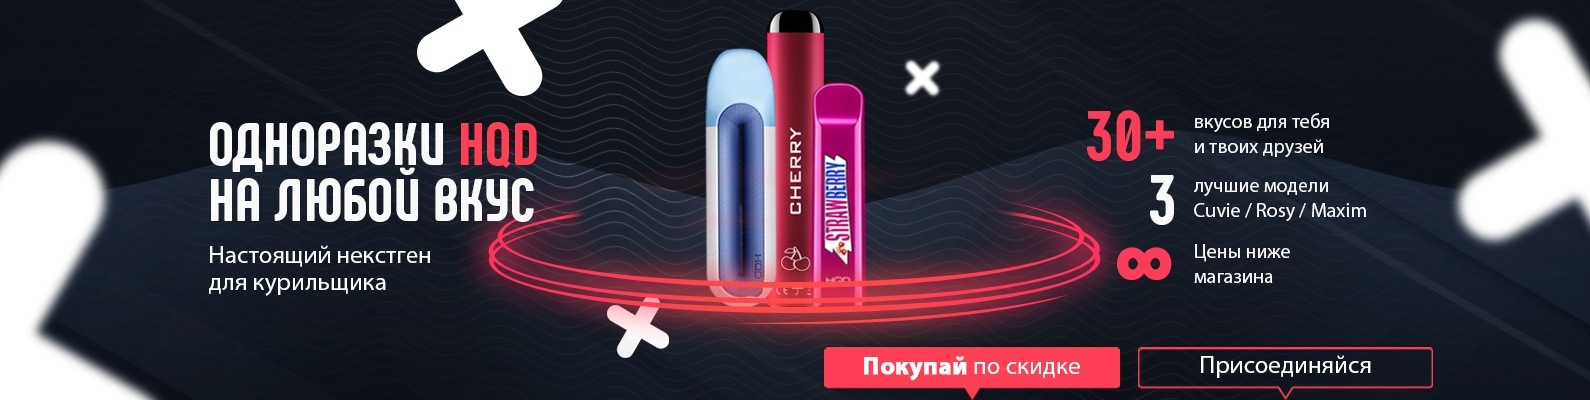 Одноразовые электронные сигареты купить спб сигареты оптом амурская область